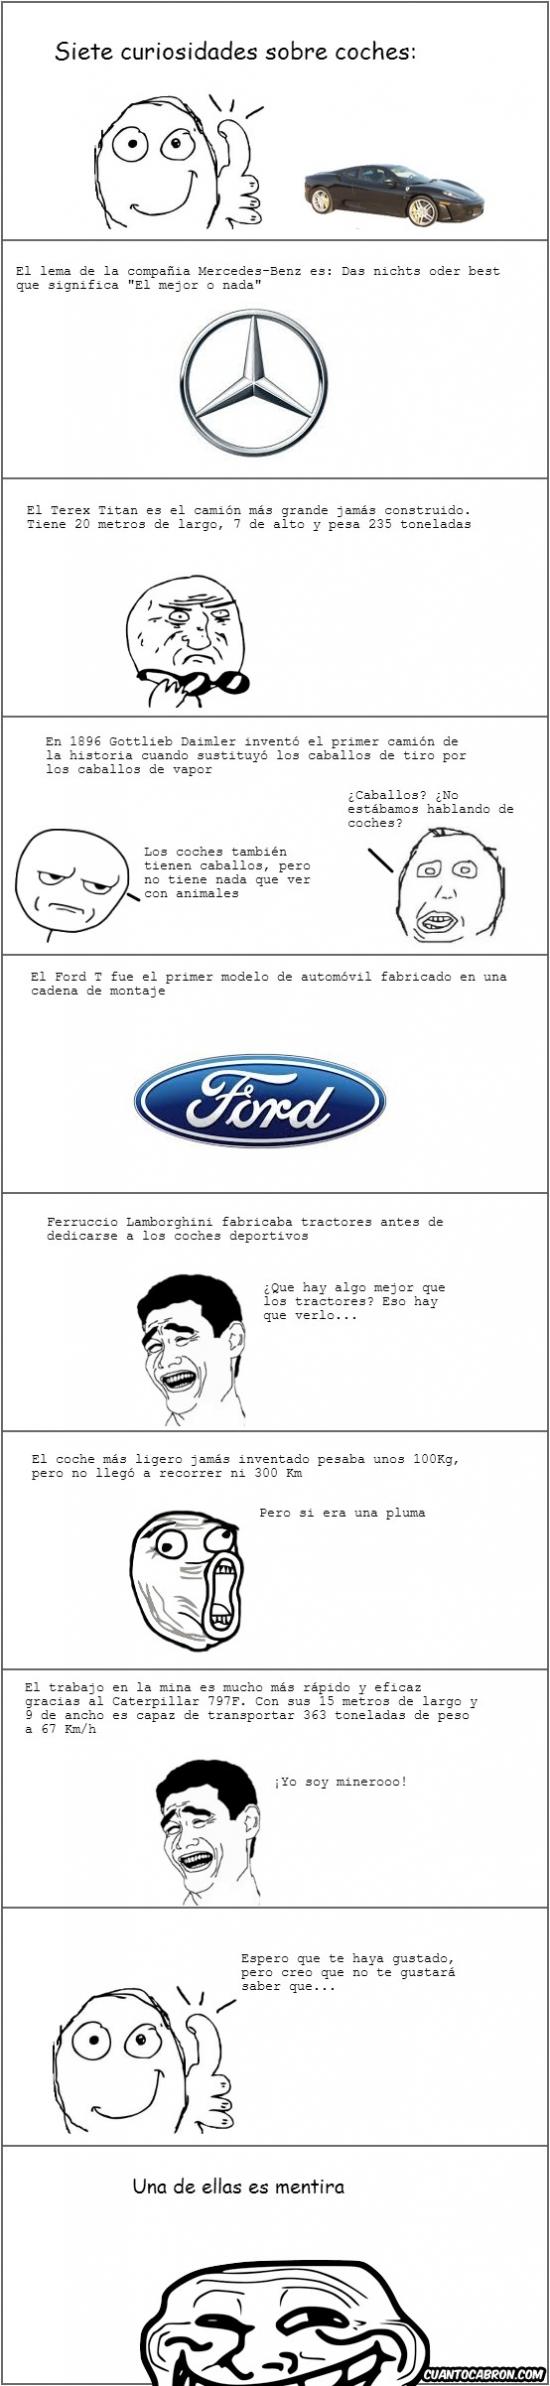 Trollface - 7 curiosidades sobre coches